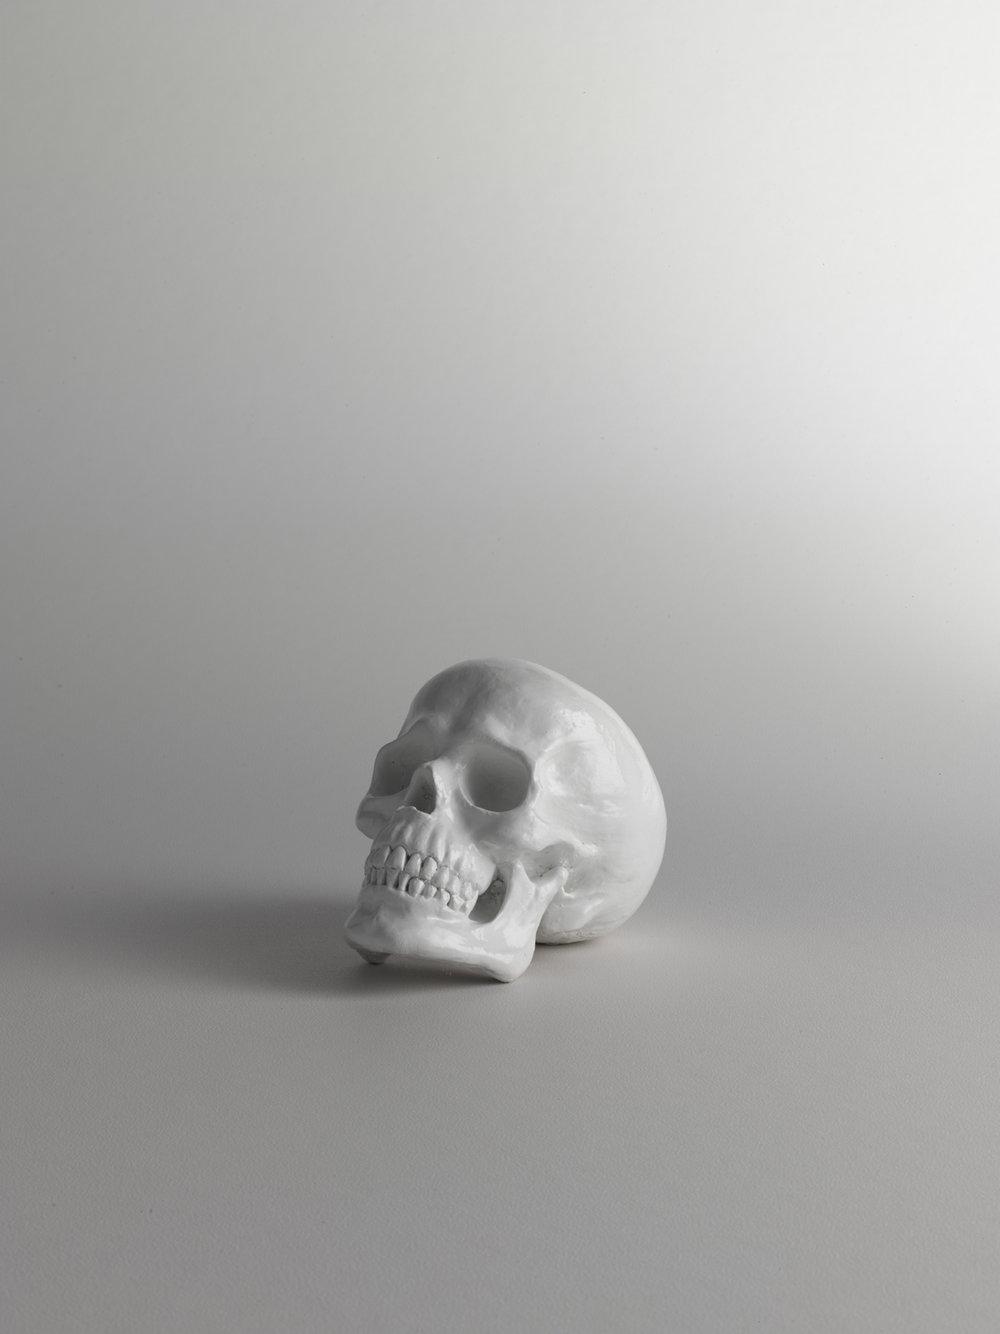 KR Skull_00595.jpg